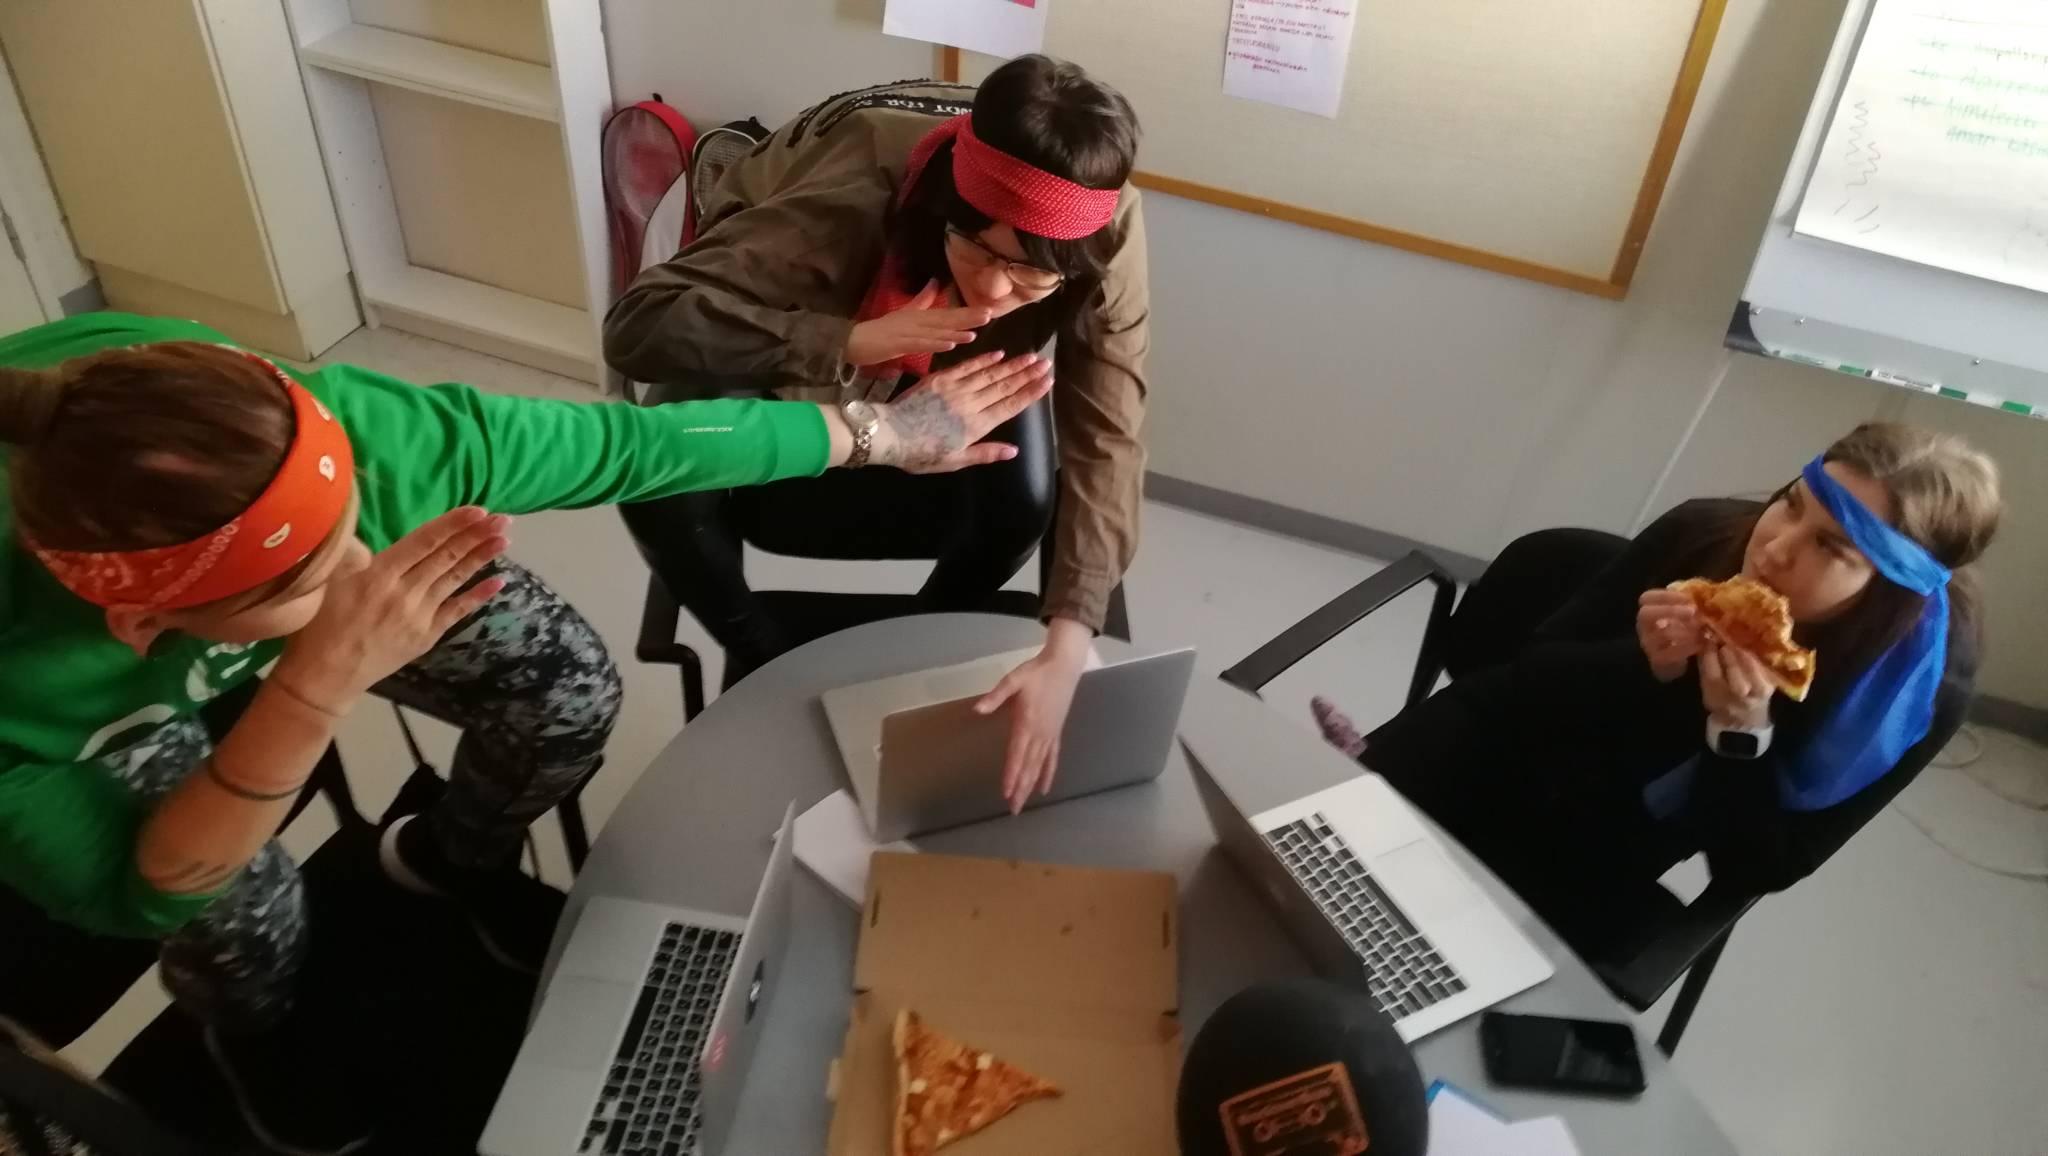 nuoria syömässä pitsaa. kaikilla värikäs otsanauha.